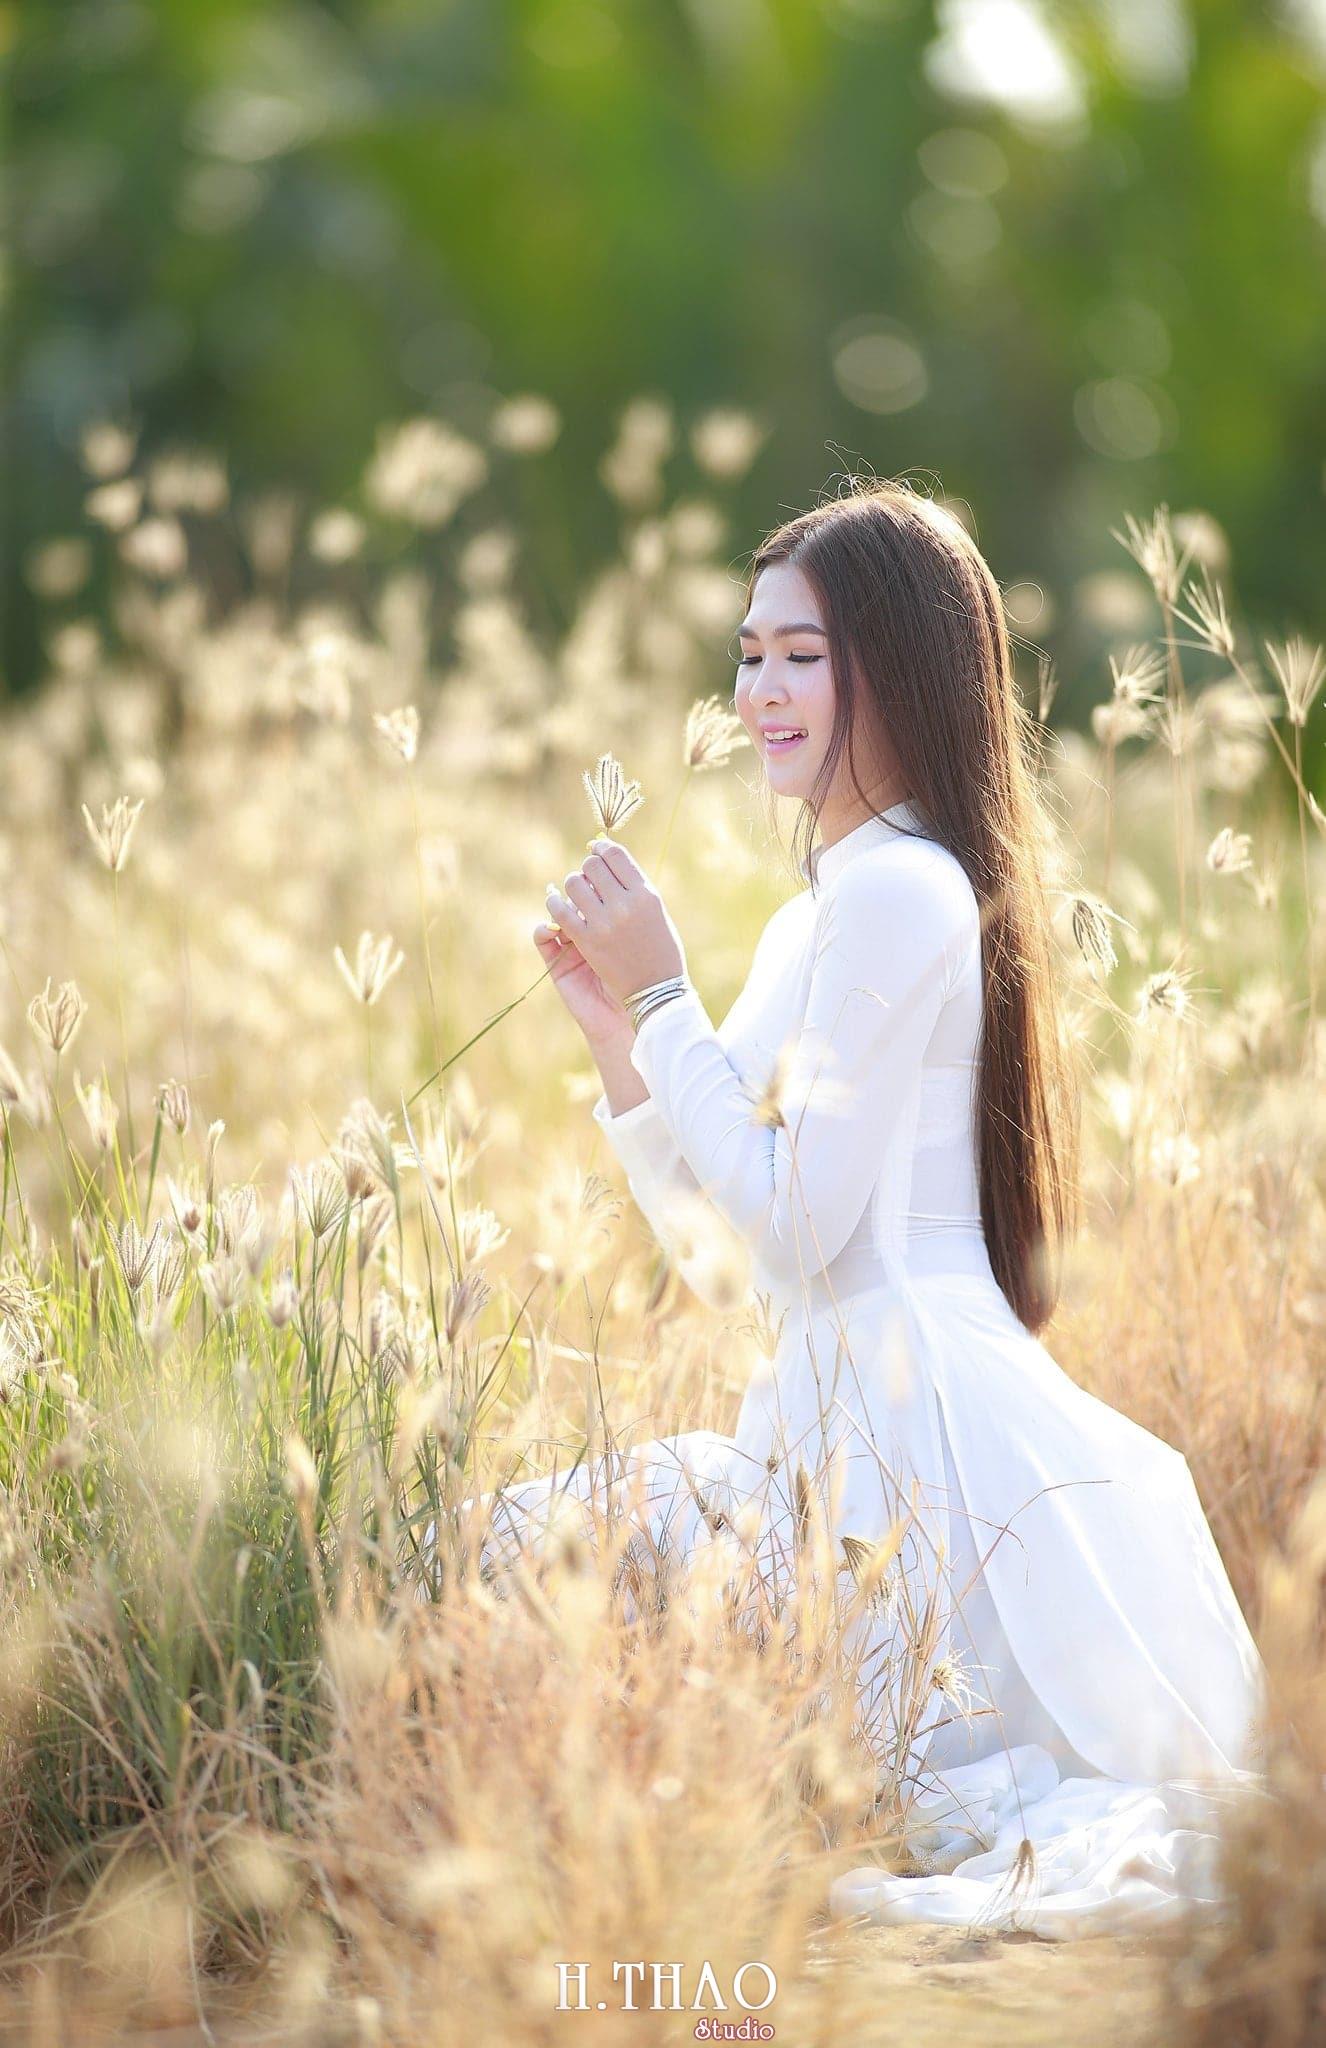 Anh ao dai viet nam 5 - 49 cách tạo dáng chụp ảnh với áo dài tuyệt đẹp - HThao Studio